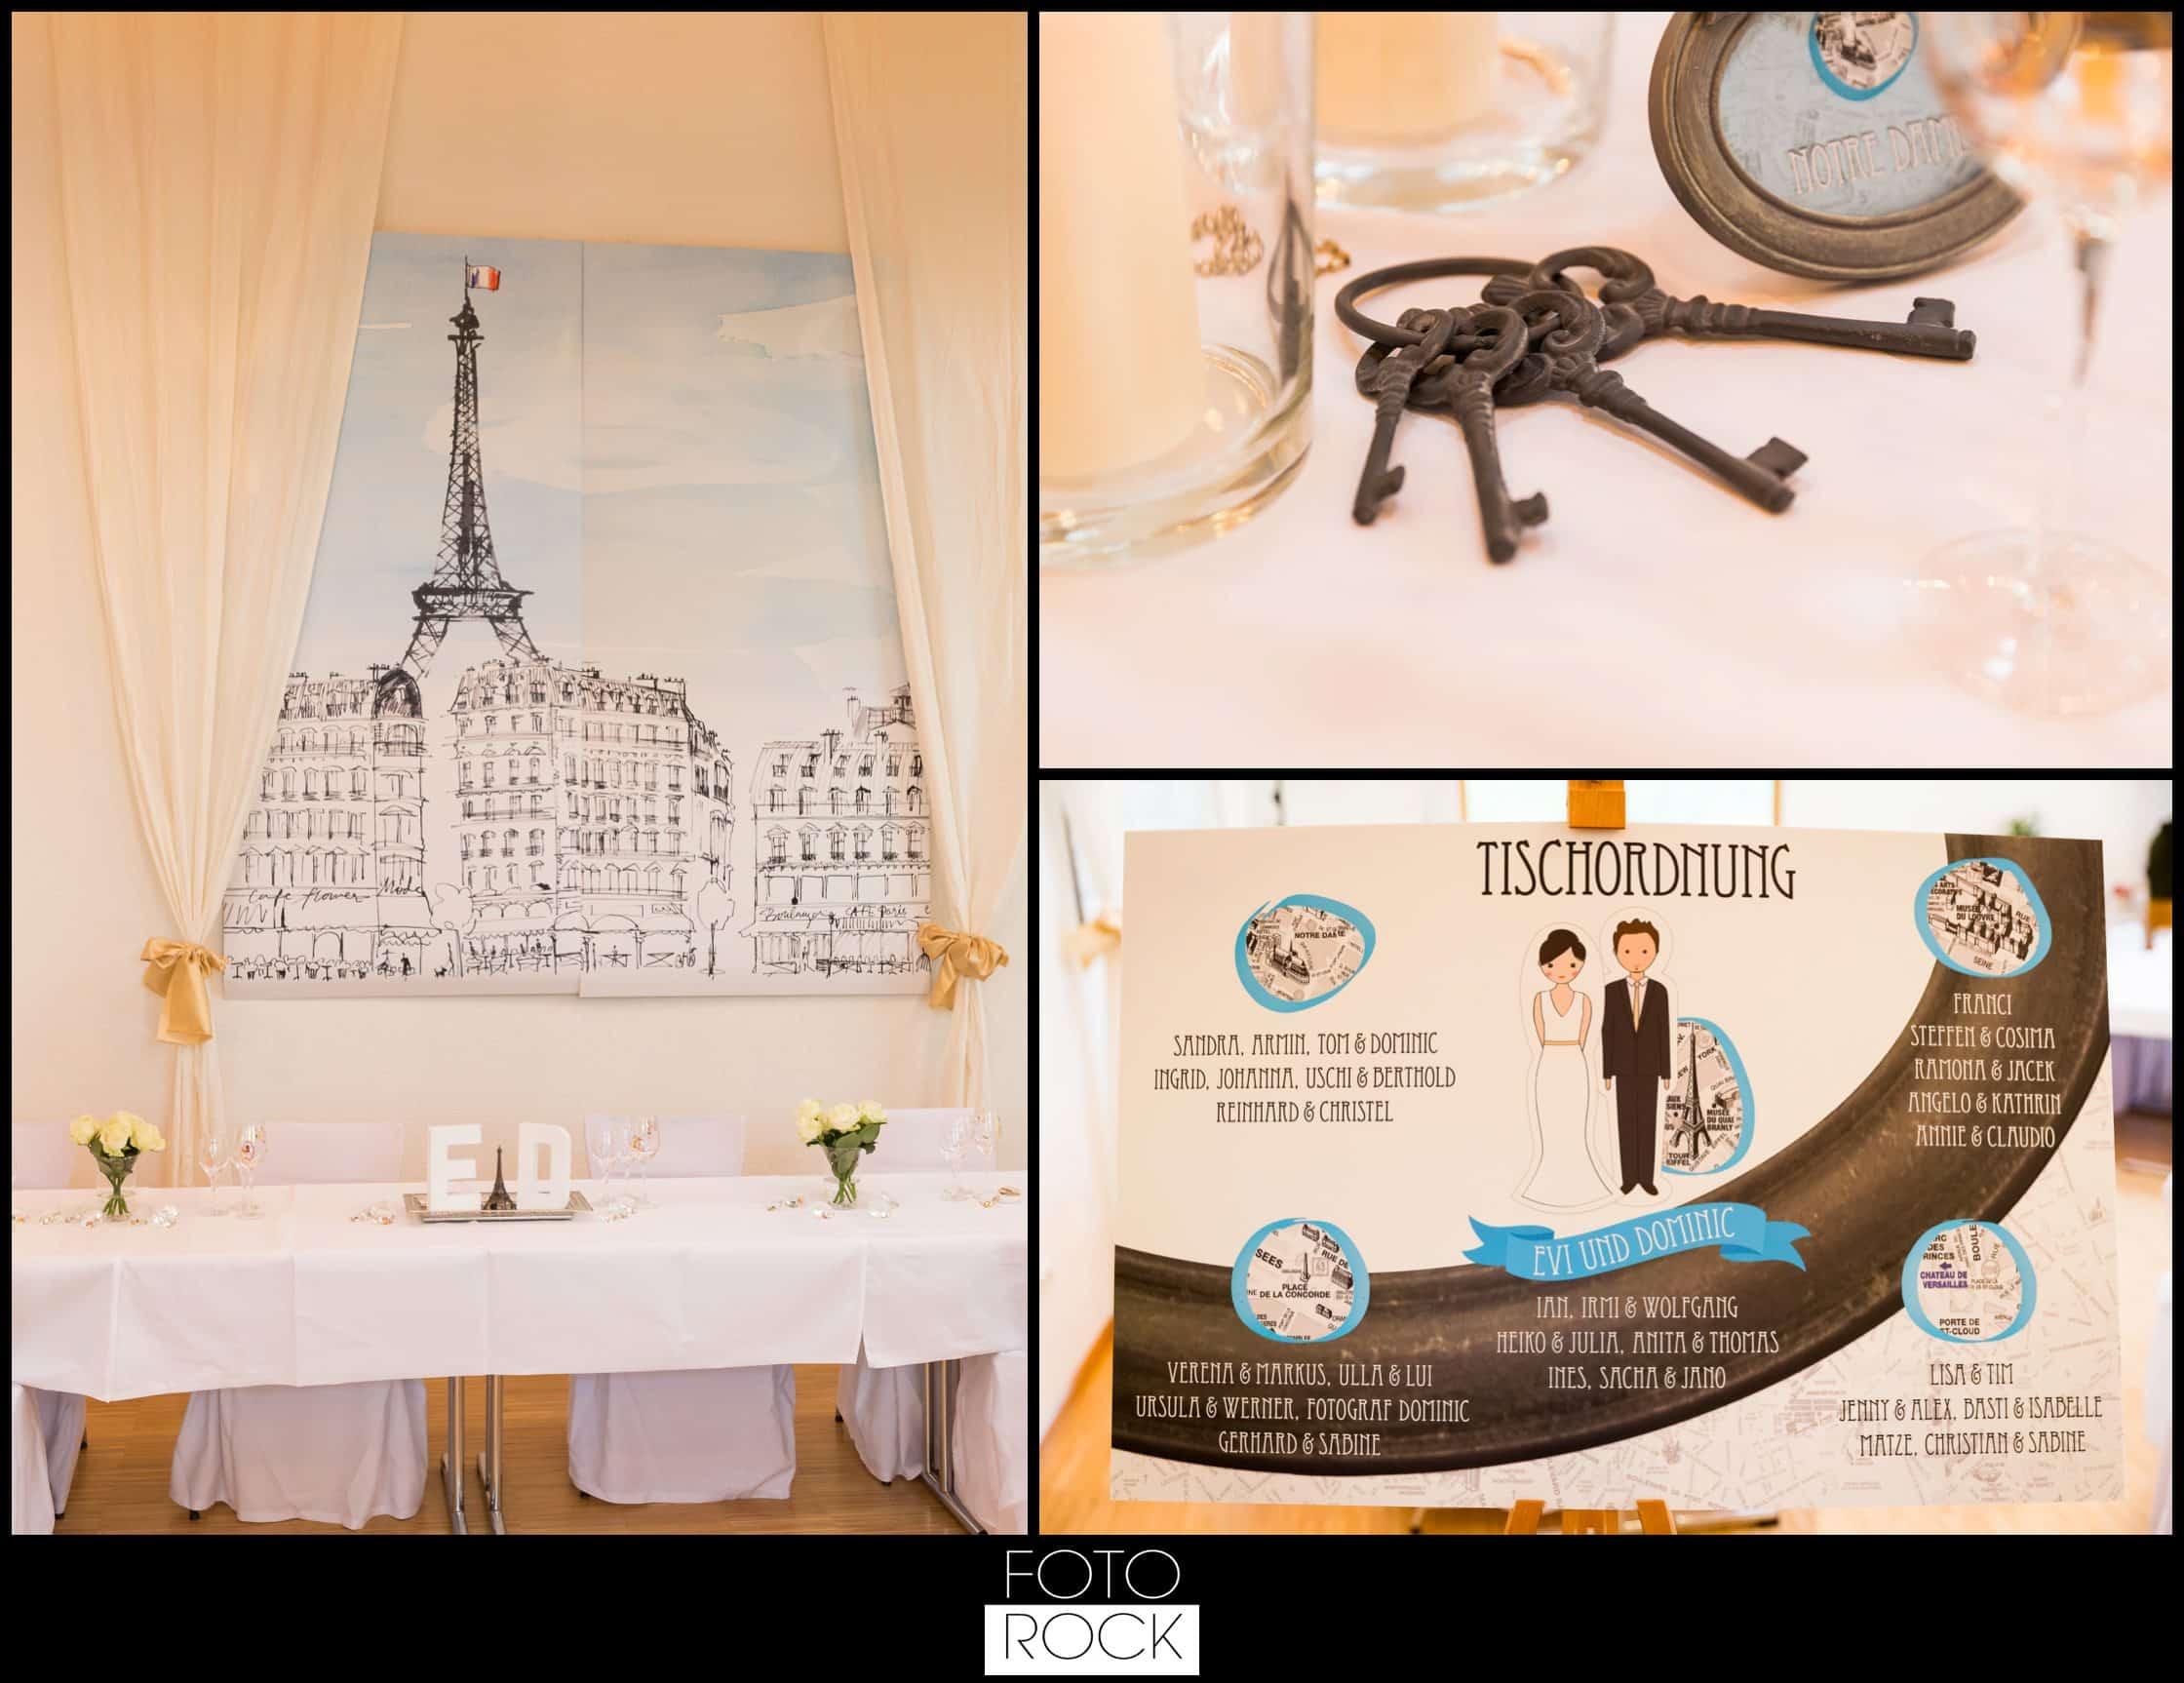 Hochzeit Vitra Design Museum Weil am Rhein Location Stühle Deko Dekoration Blumen Kerzen Schlüssel Sitzordnung Tischordnung